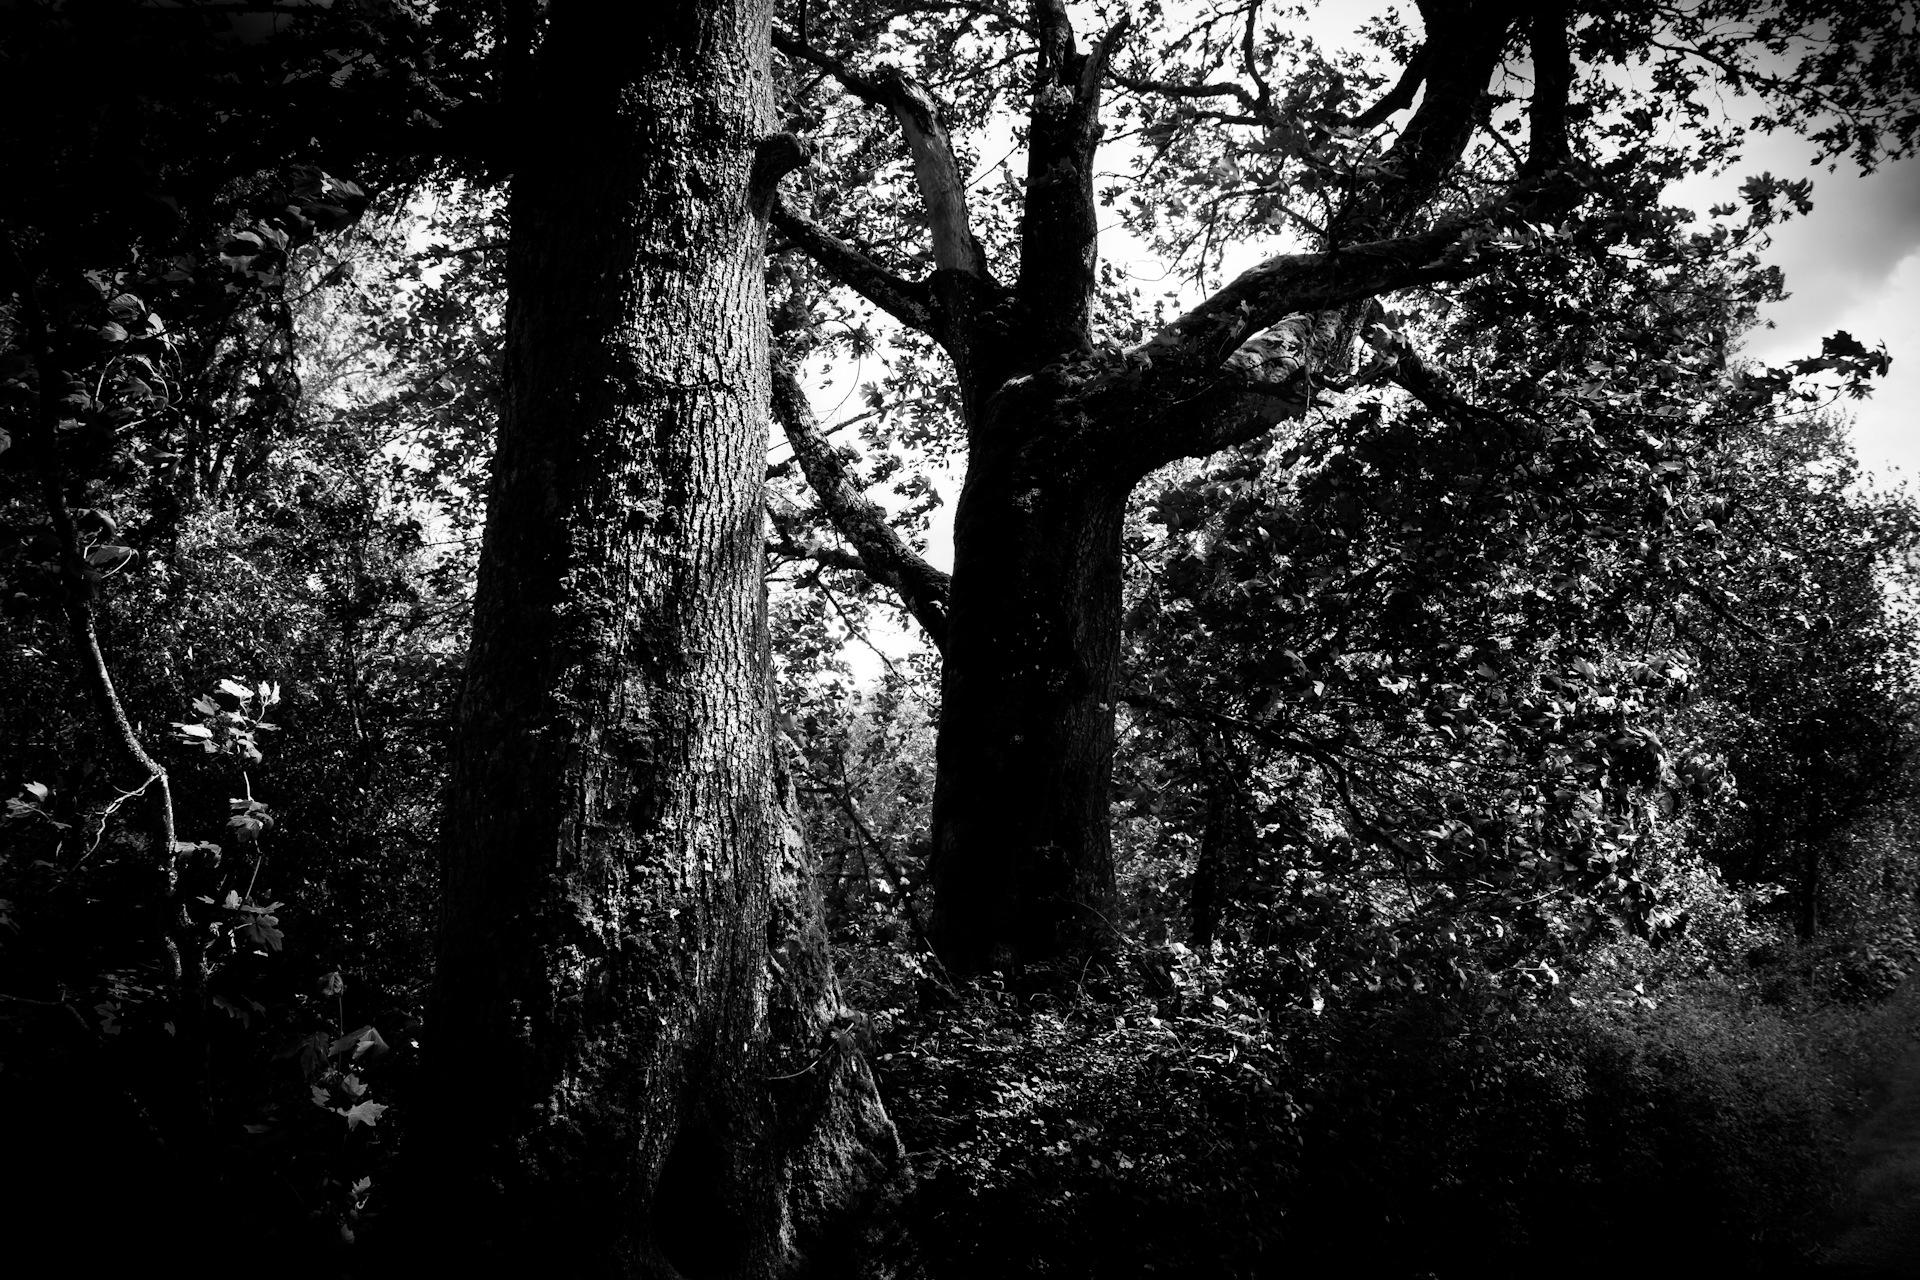 Dark Forest by Jason Graefen